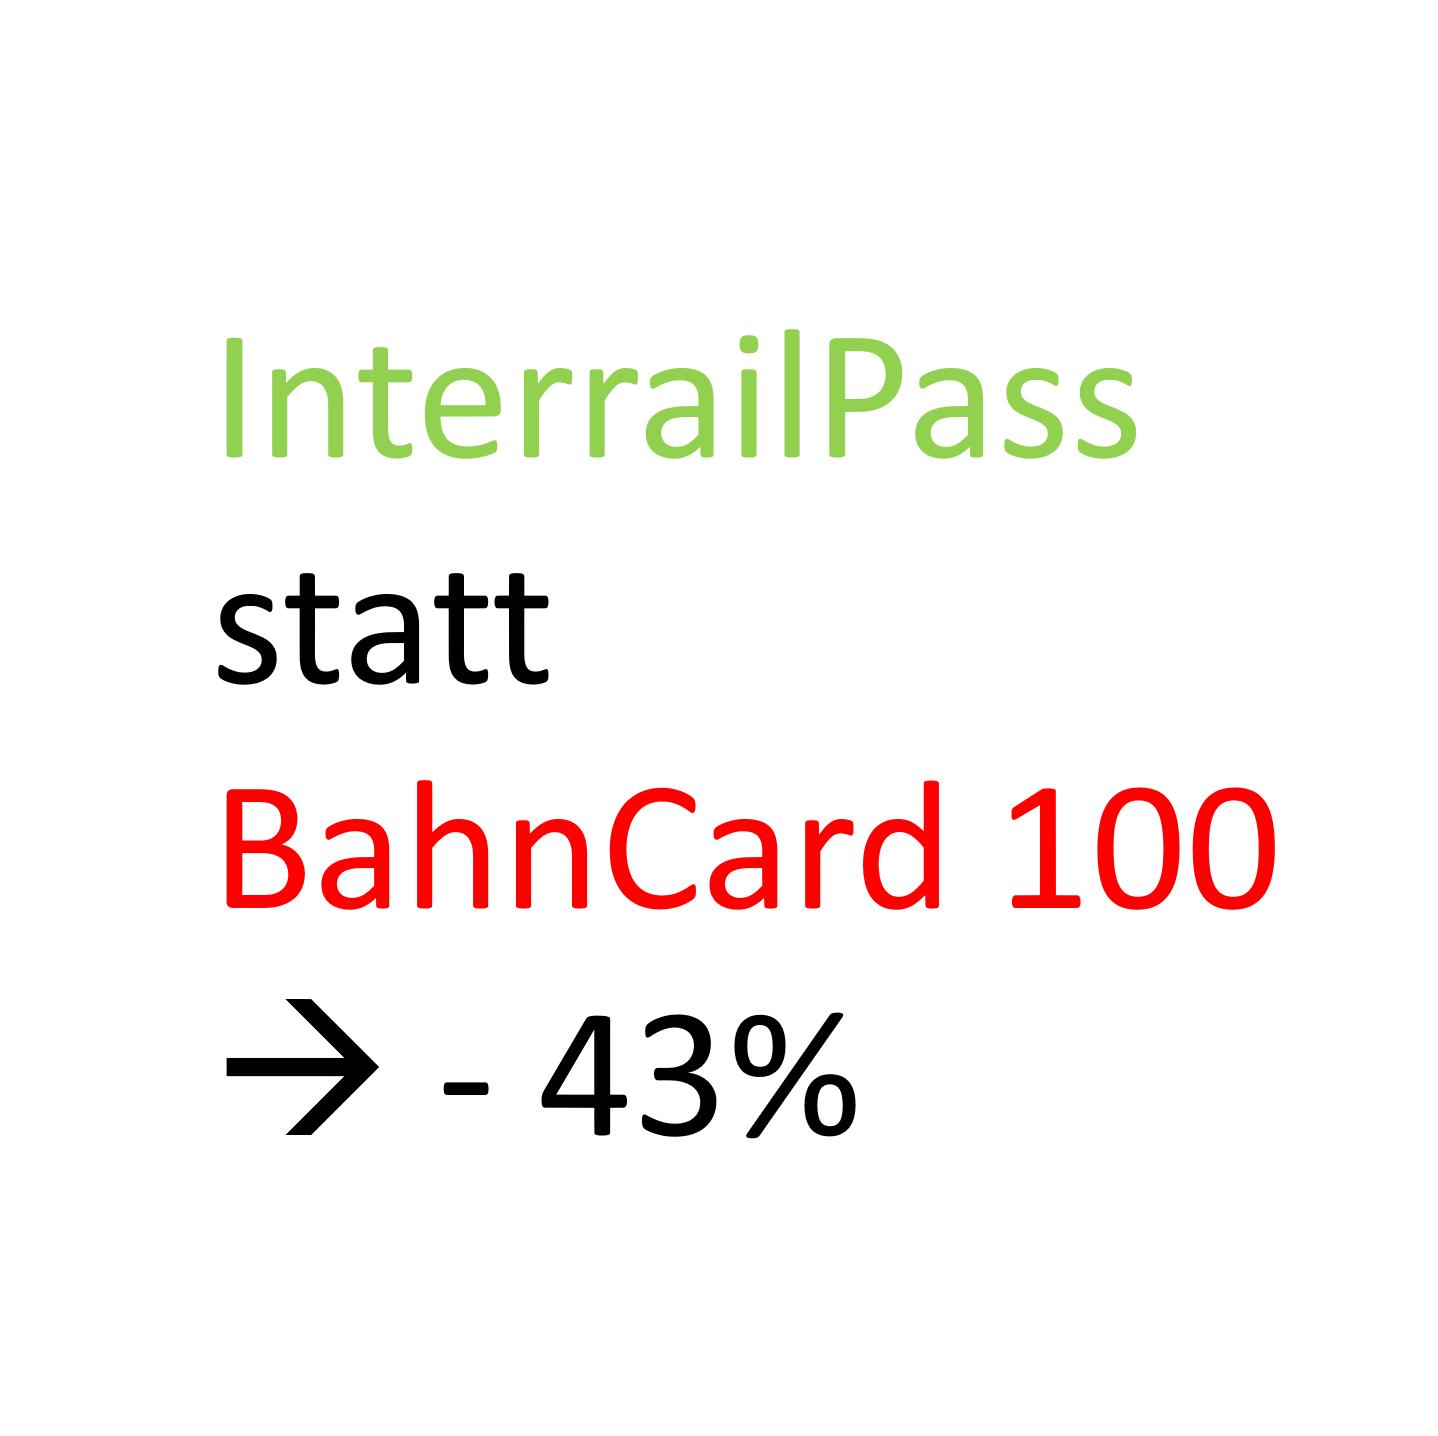 Interrail Global Pass Europe als Bahncard 100 Ersatz für 12-27 jährige (für +28 mit etwas weniger Ersparnis)